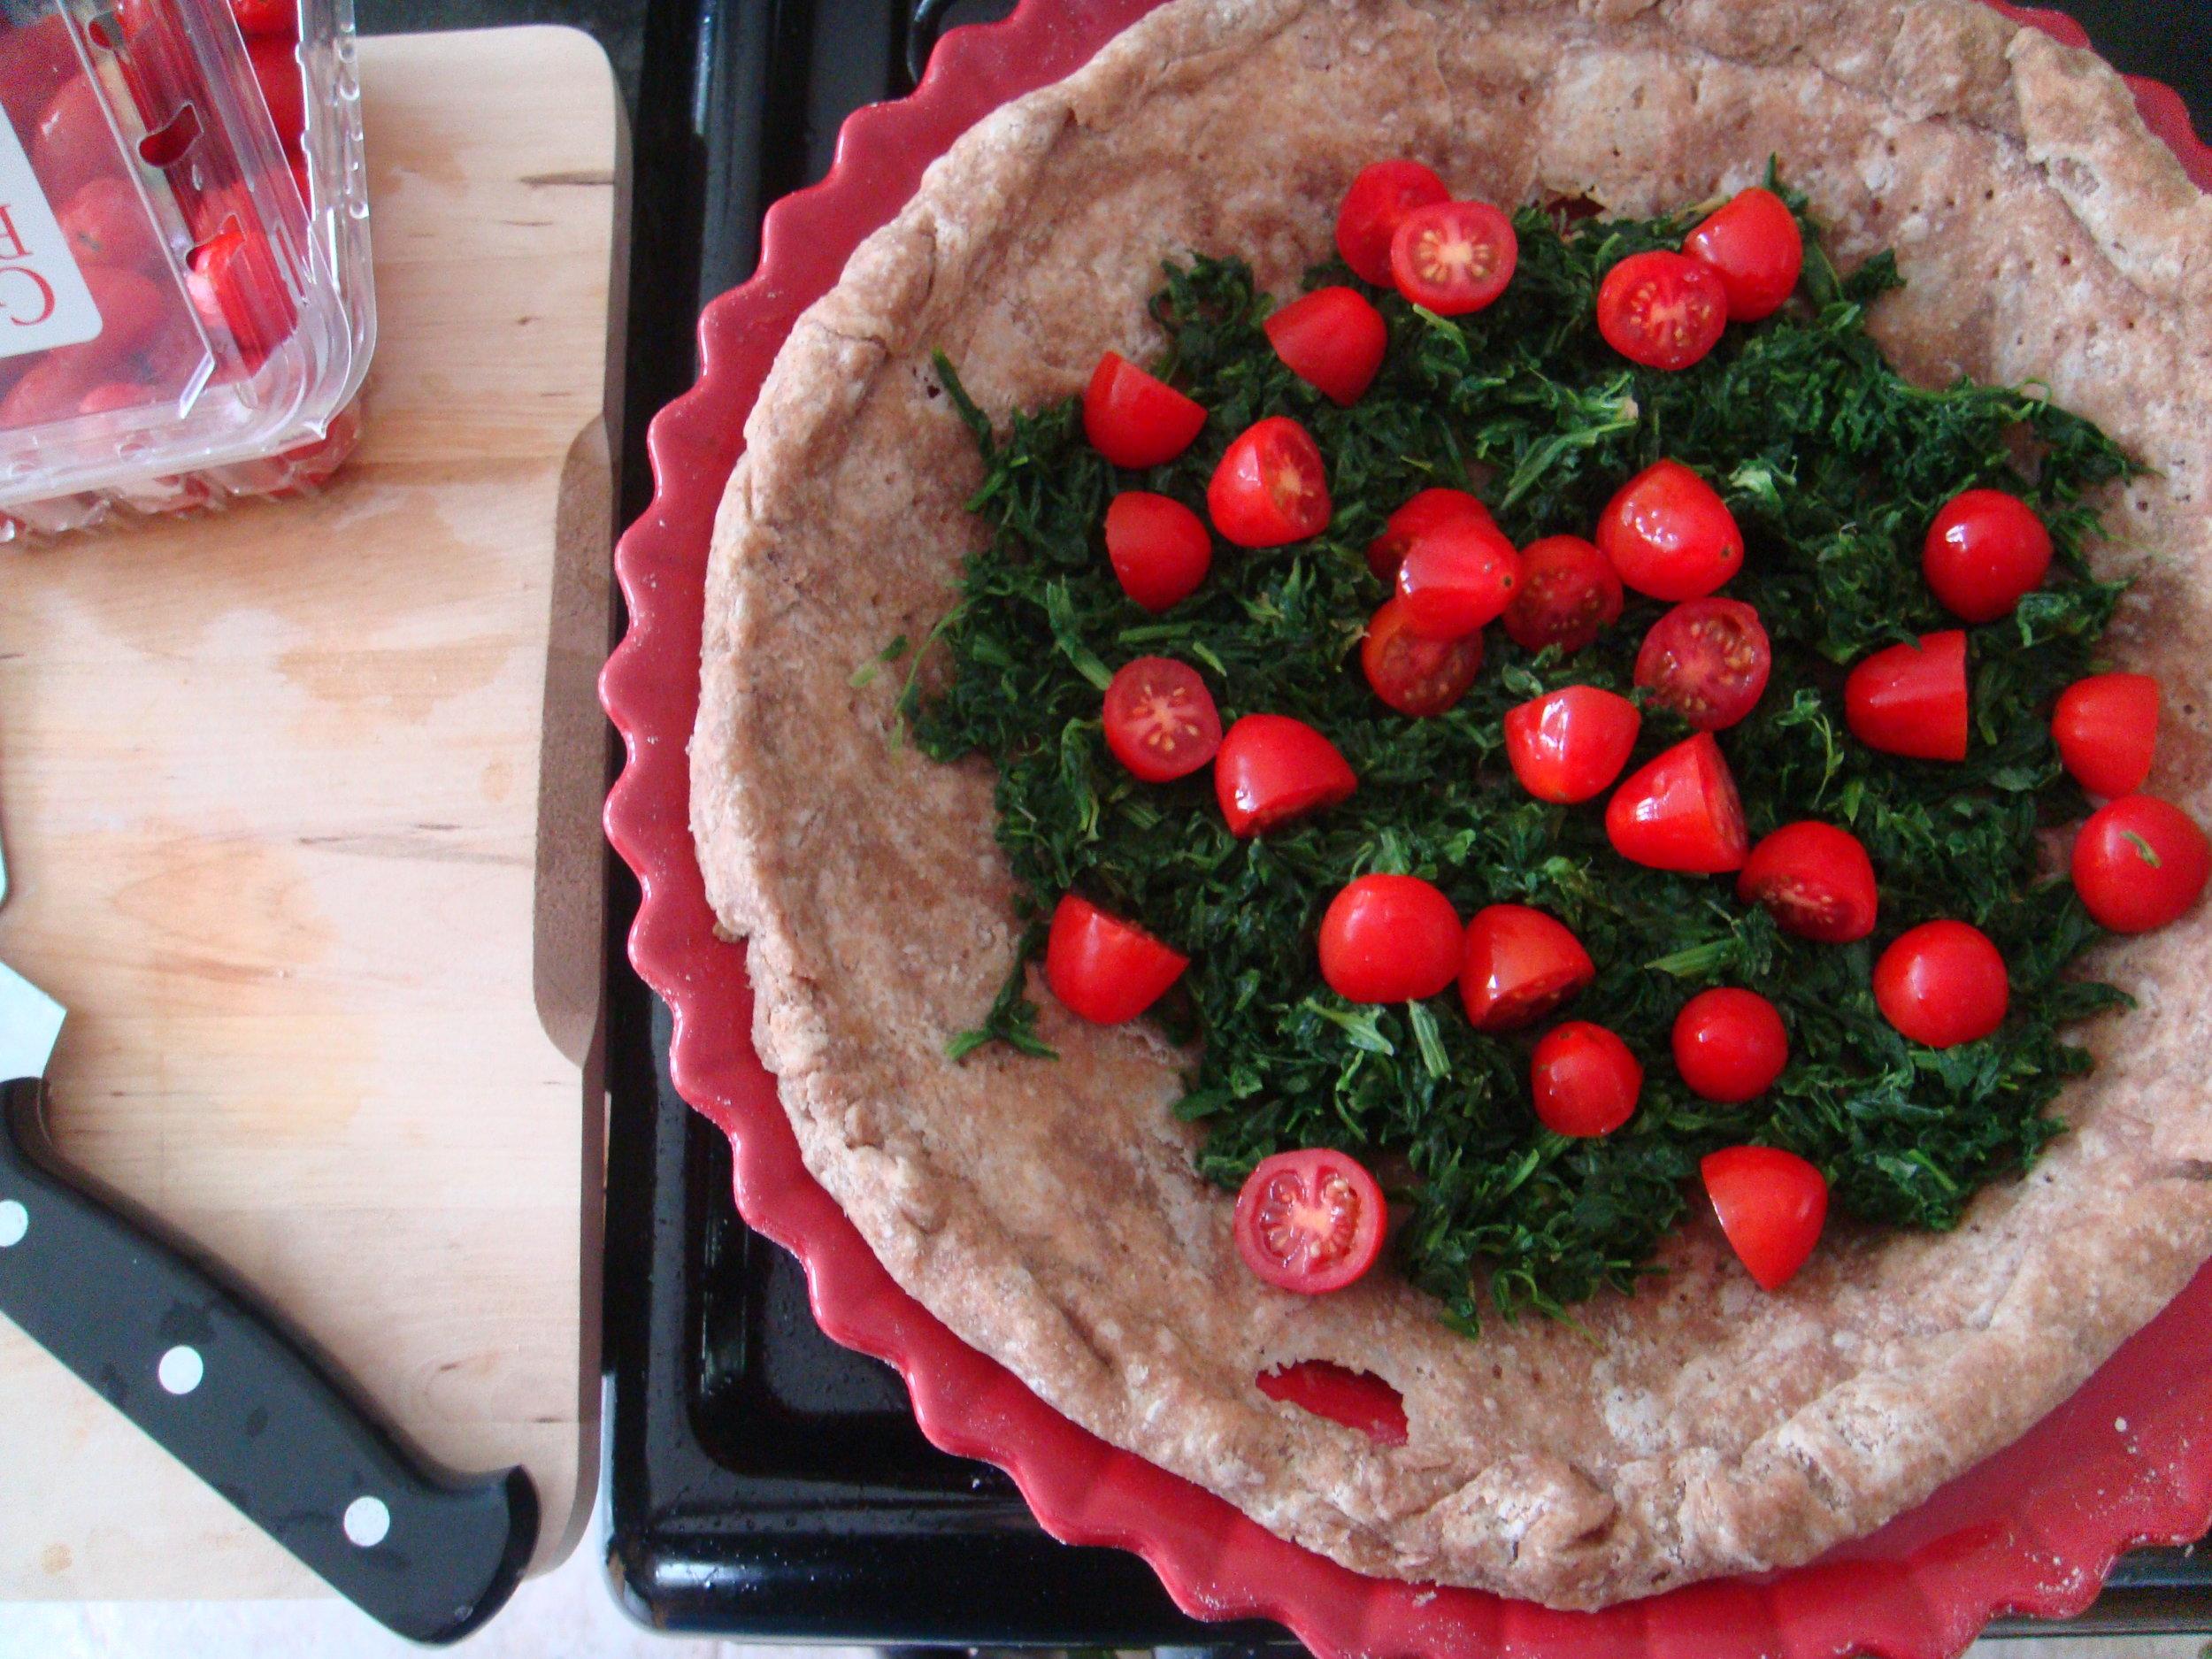 spinach-tomato-feta-quiche.JPG